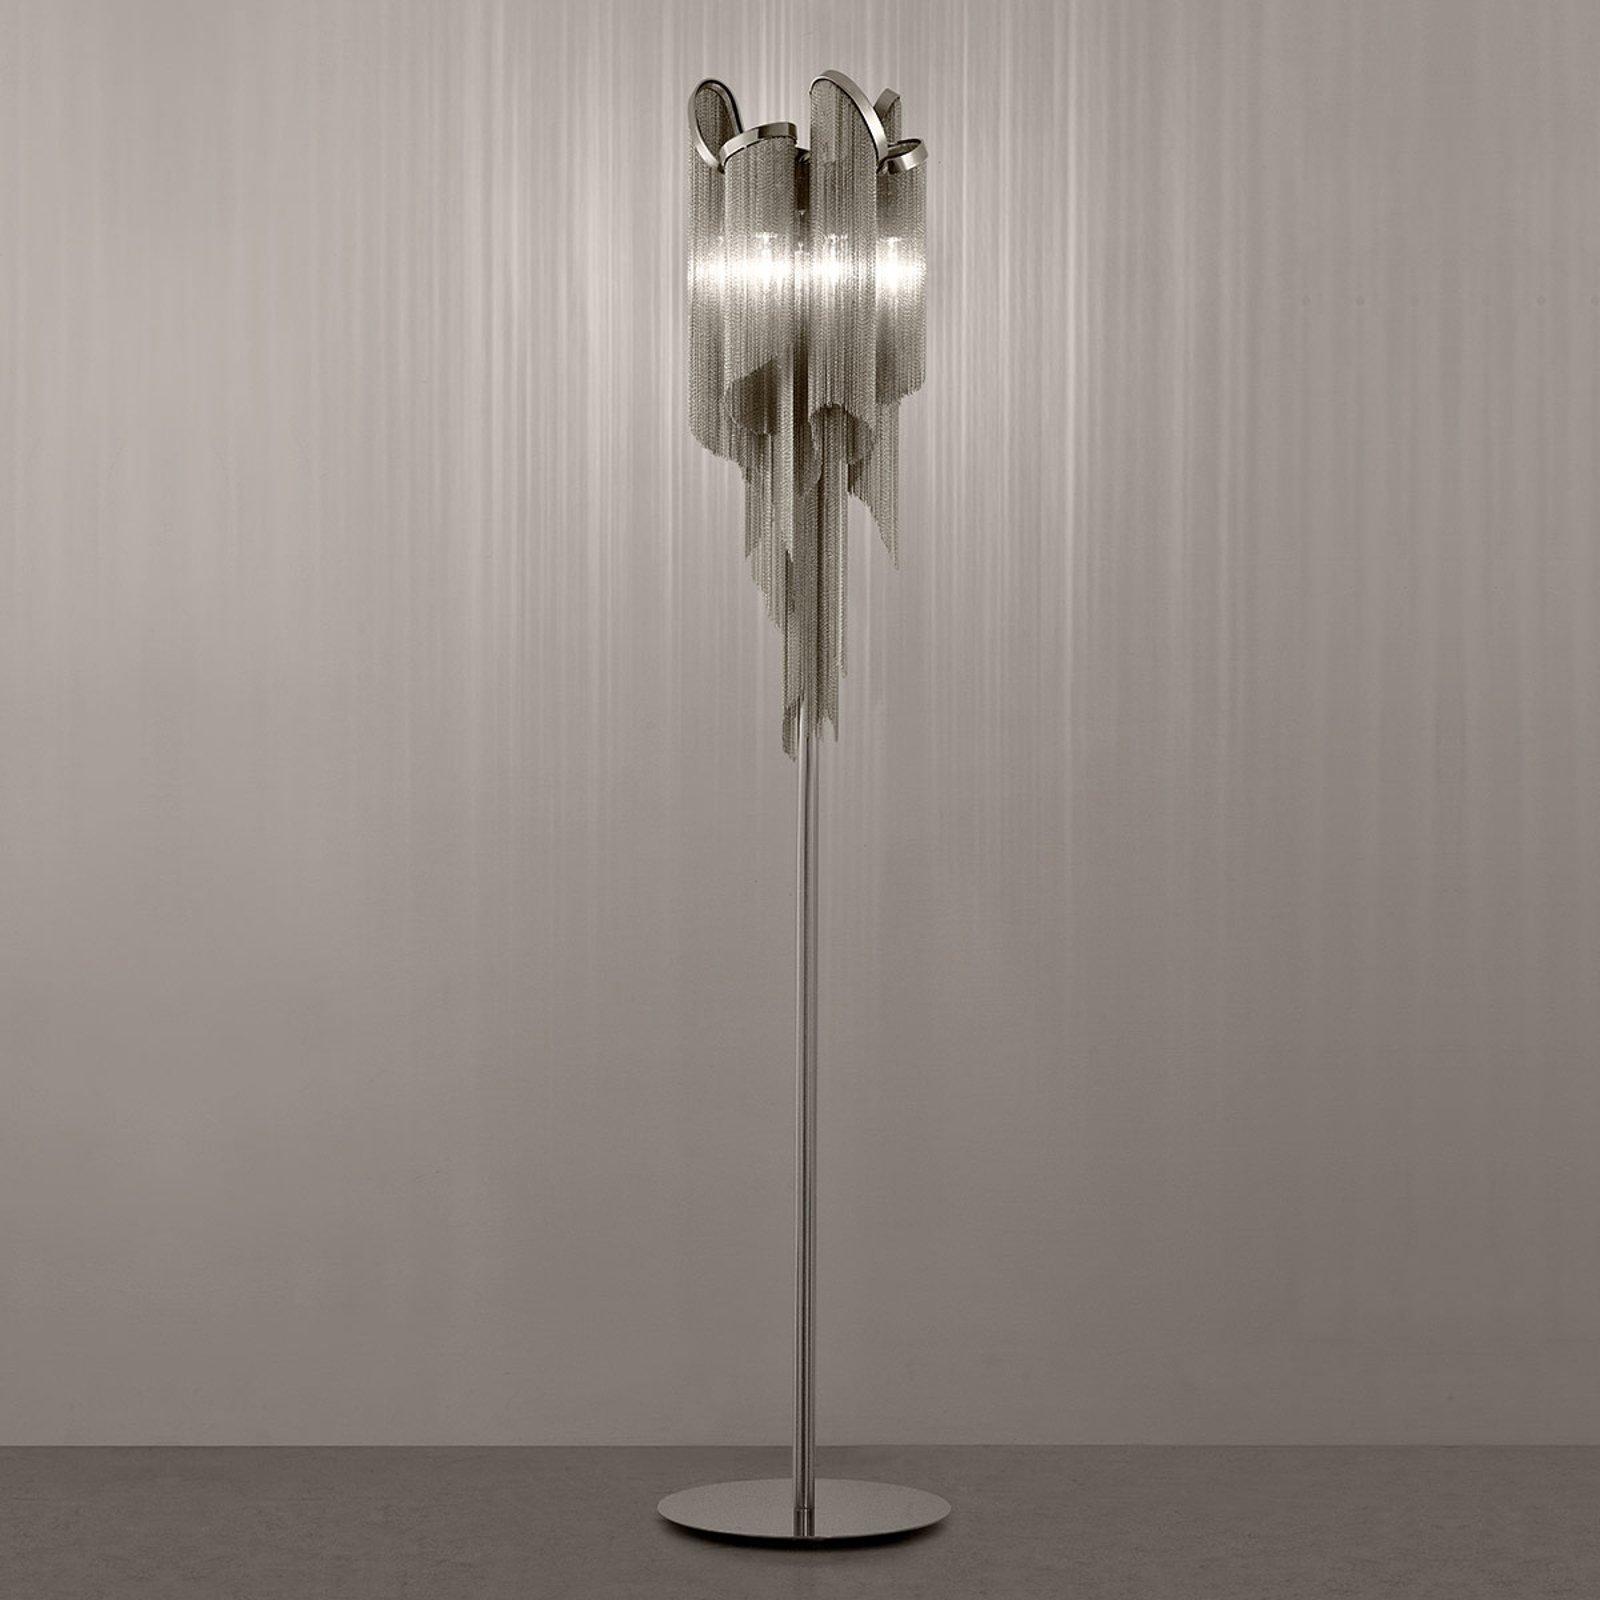 Stream - ekspressiv stålampe